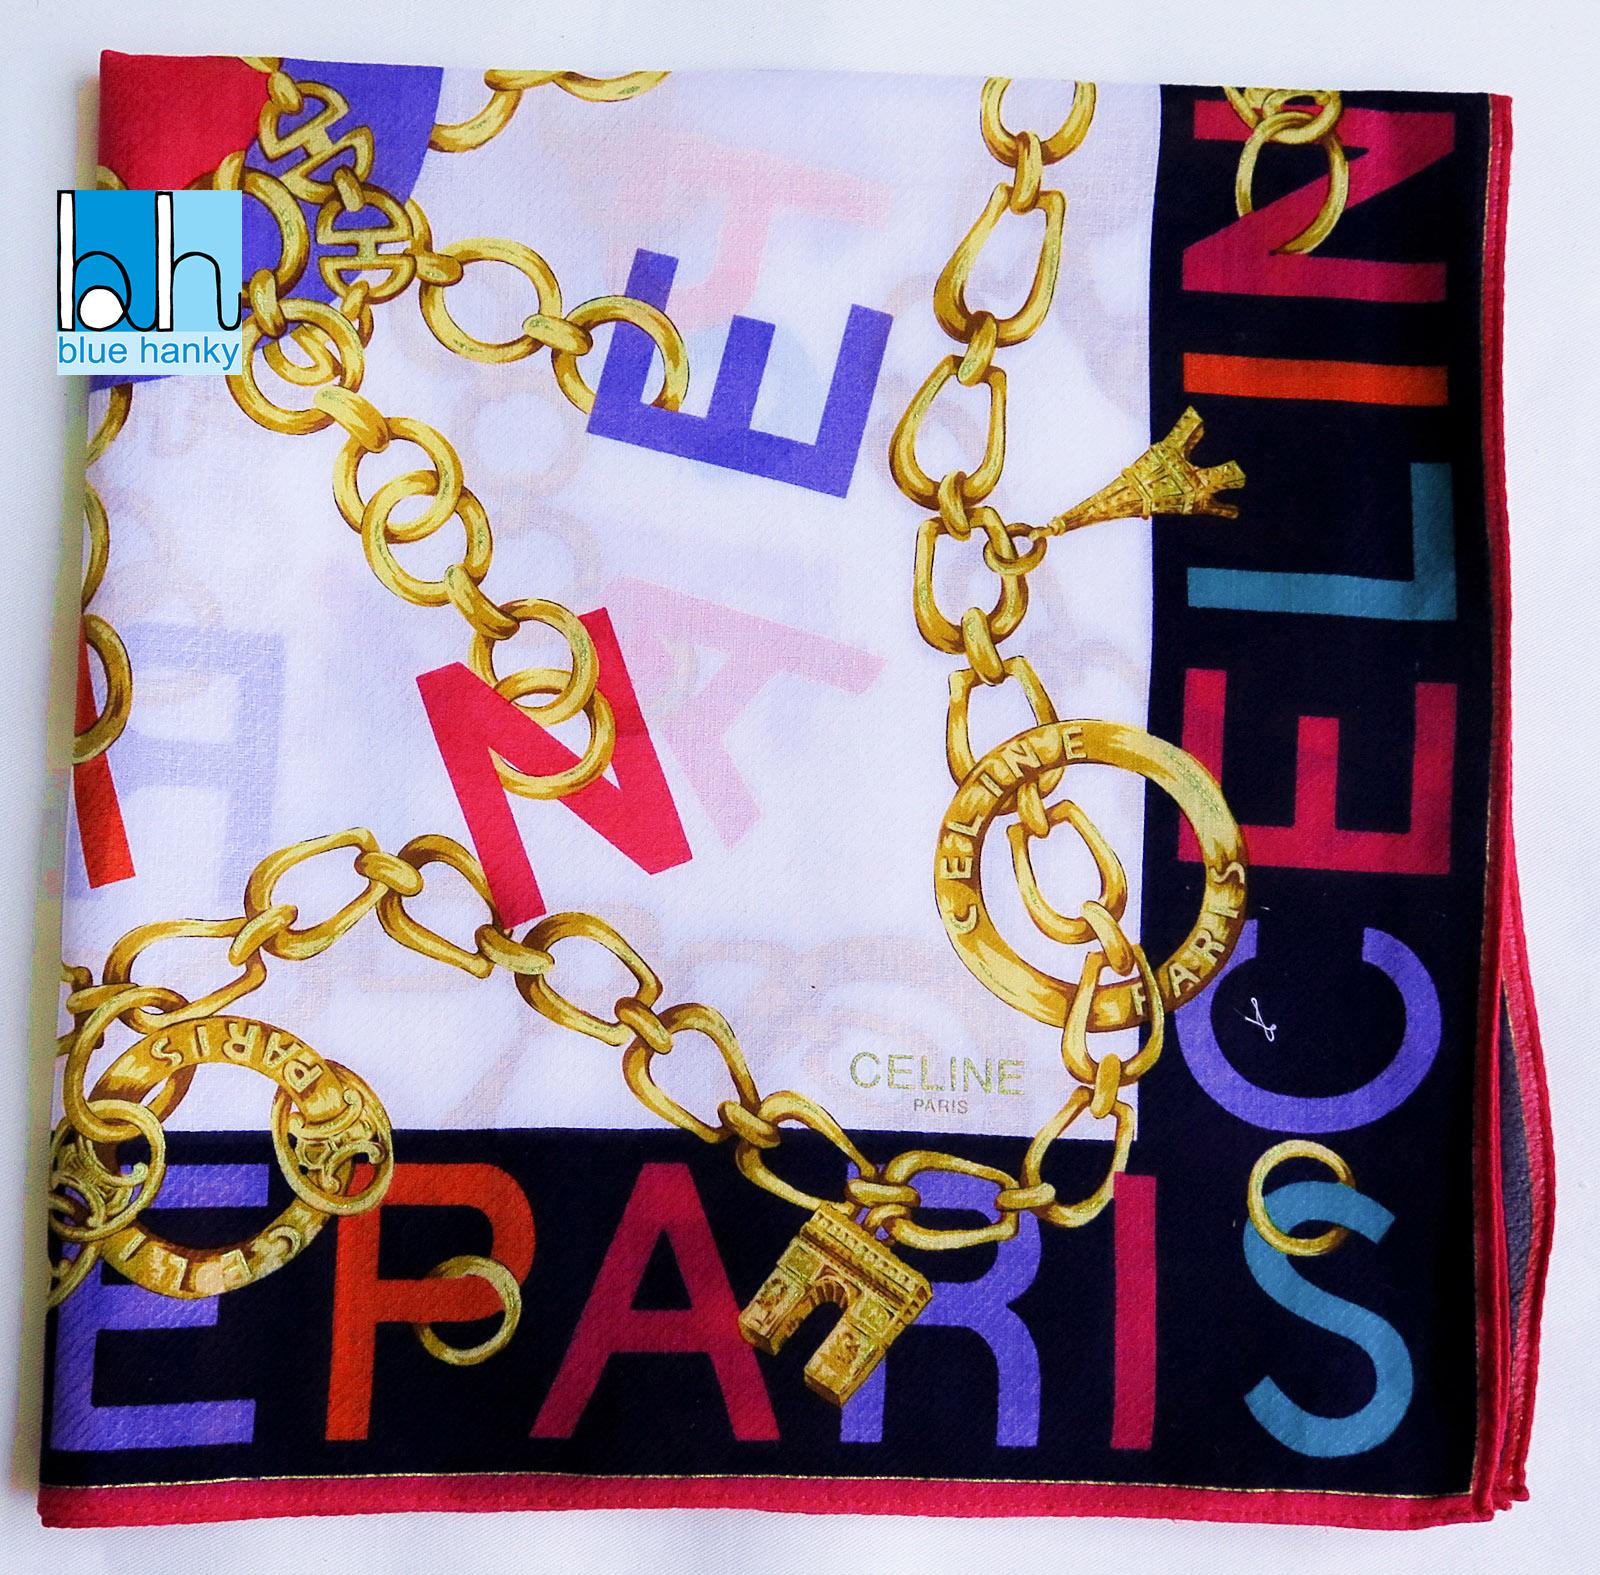 """#295 22"""" CELINE PARIS ผ้าเช็ดหน้ามือ2 สภาพดี ผ้าเช็ดหน้าผืนใหญ่"""